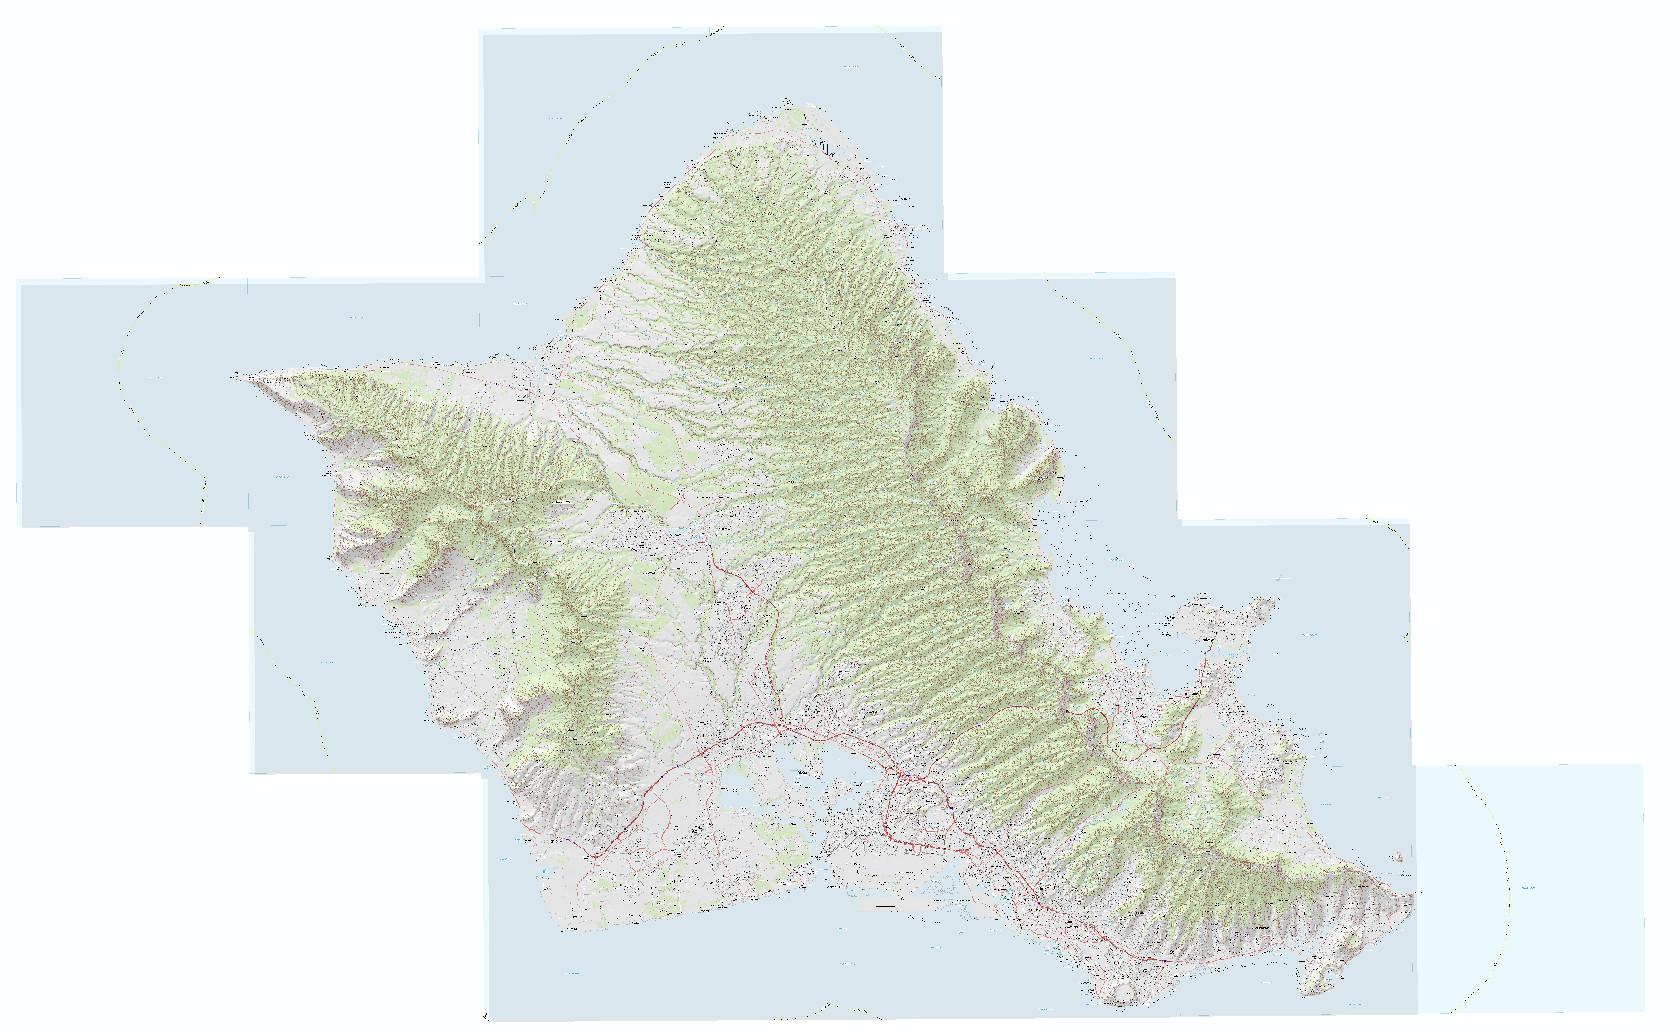 Raster catalog of 17 topo quads for Oahu.